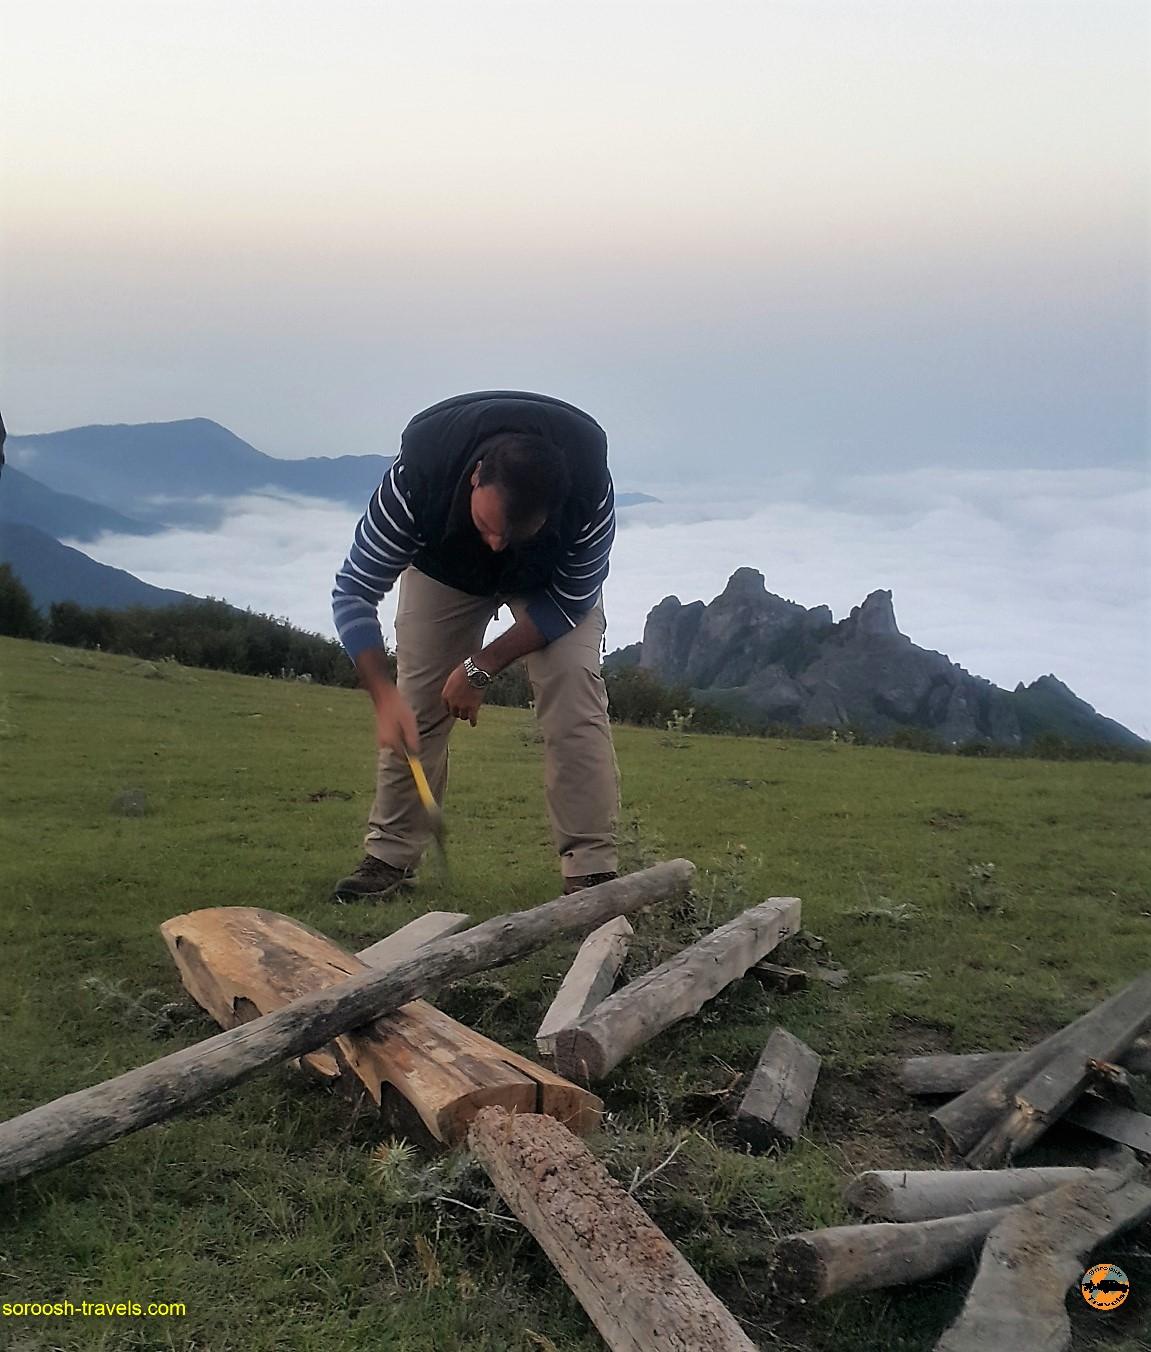 زیباترین مناظر آذربایجان - تابستان ۱۳۹۶